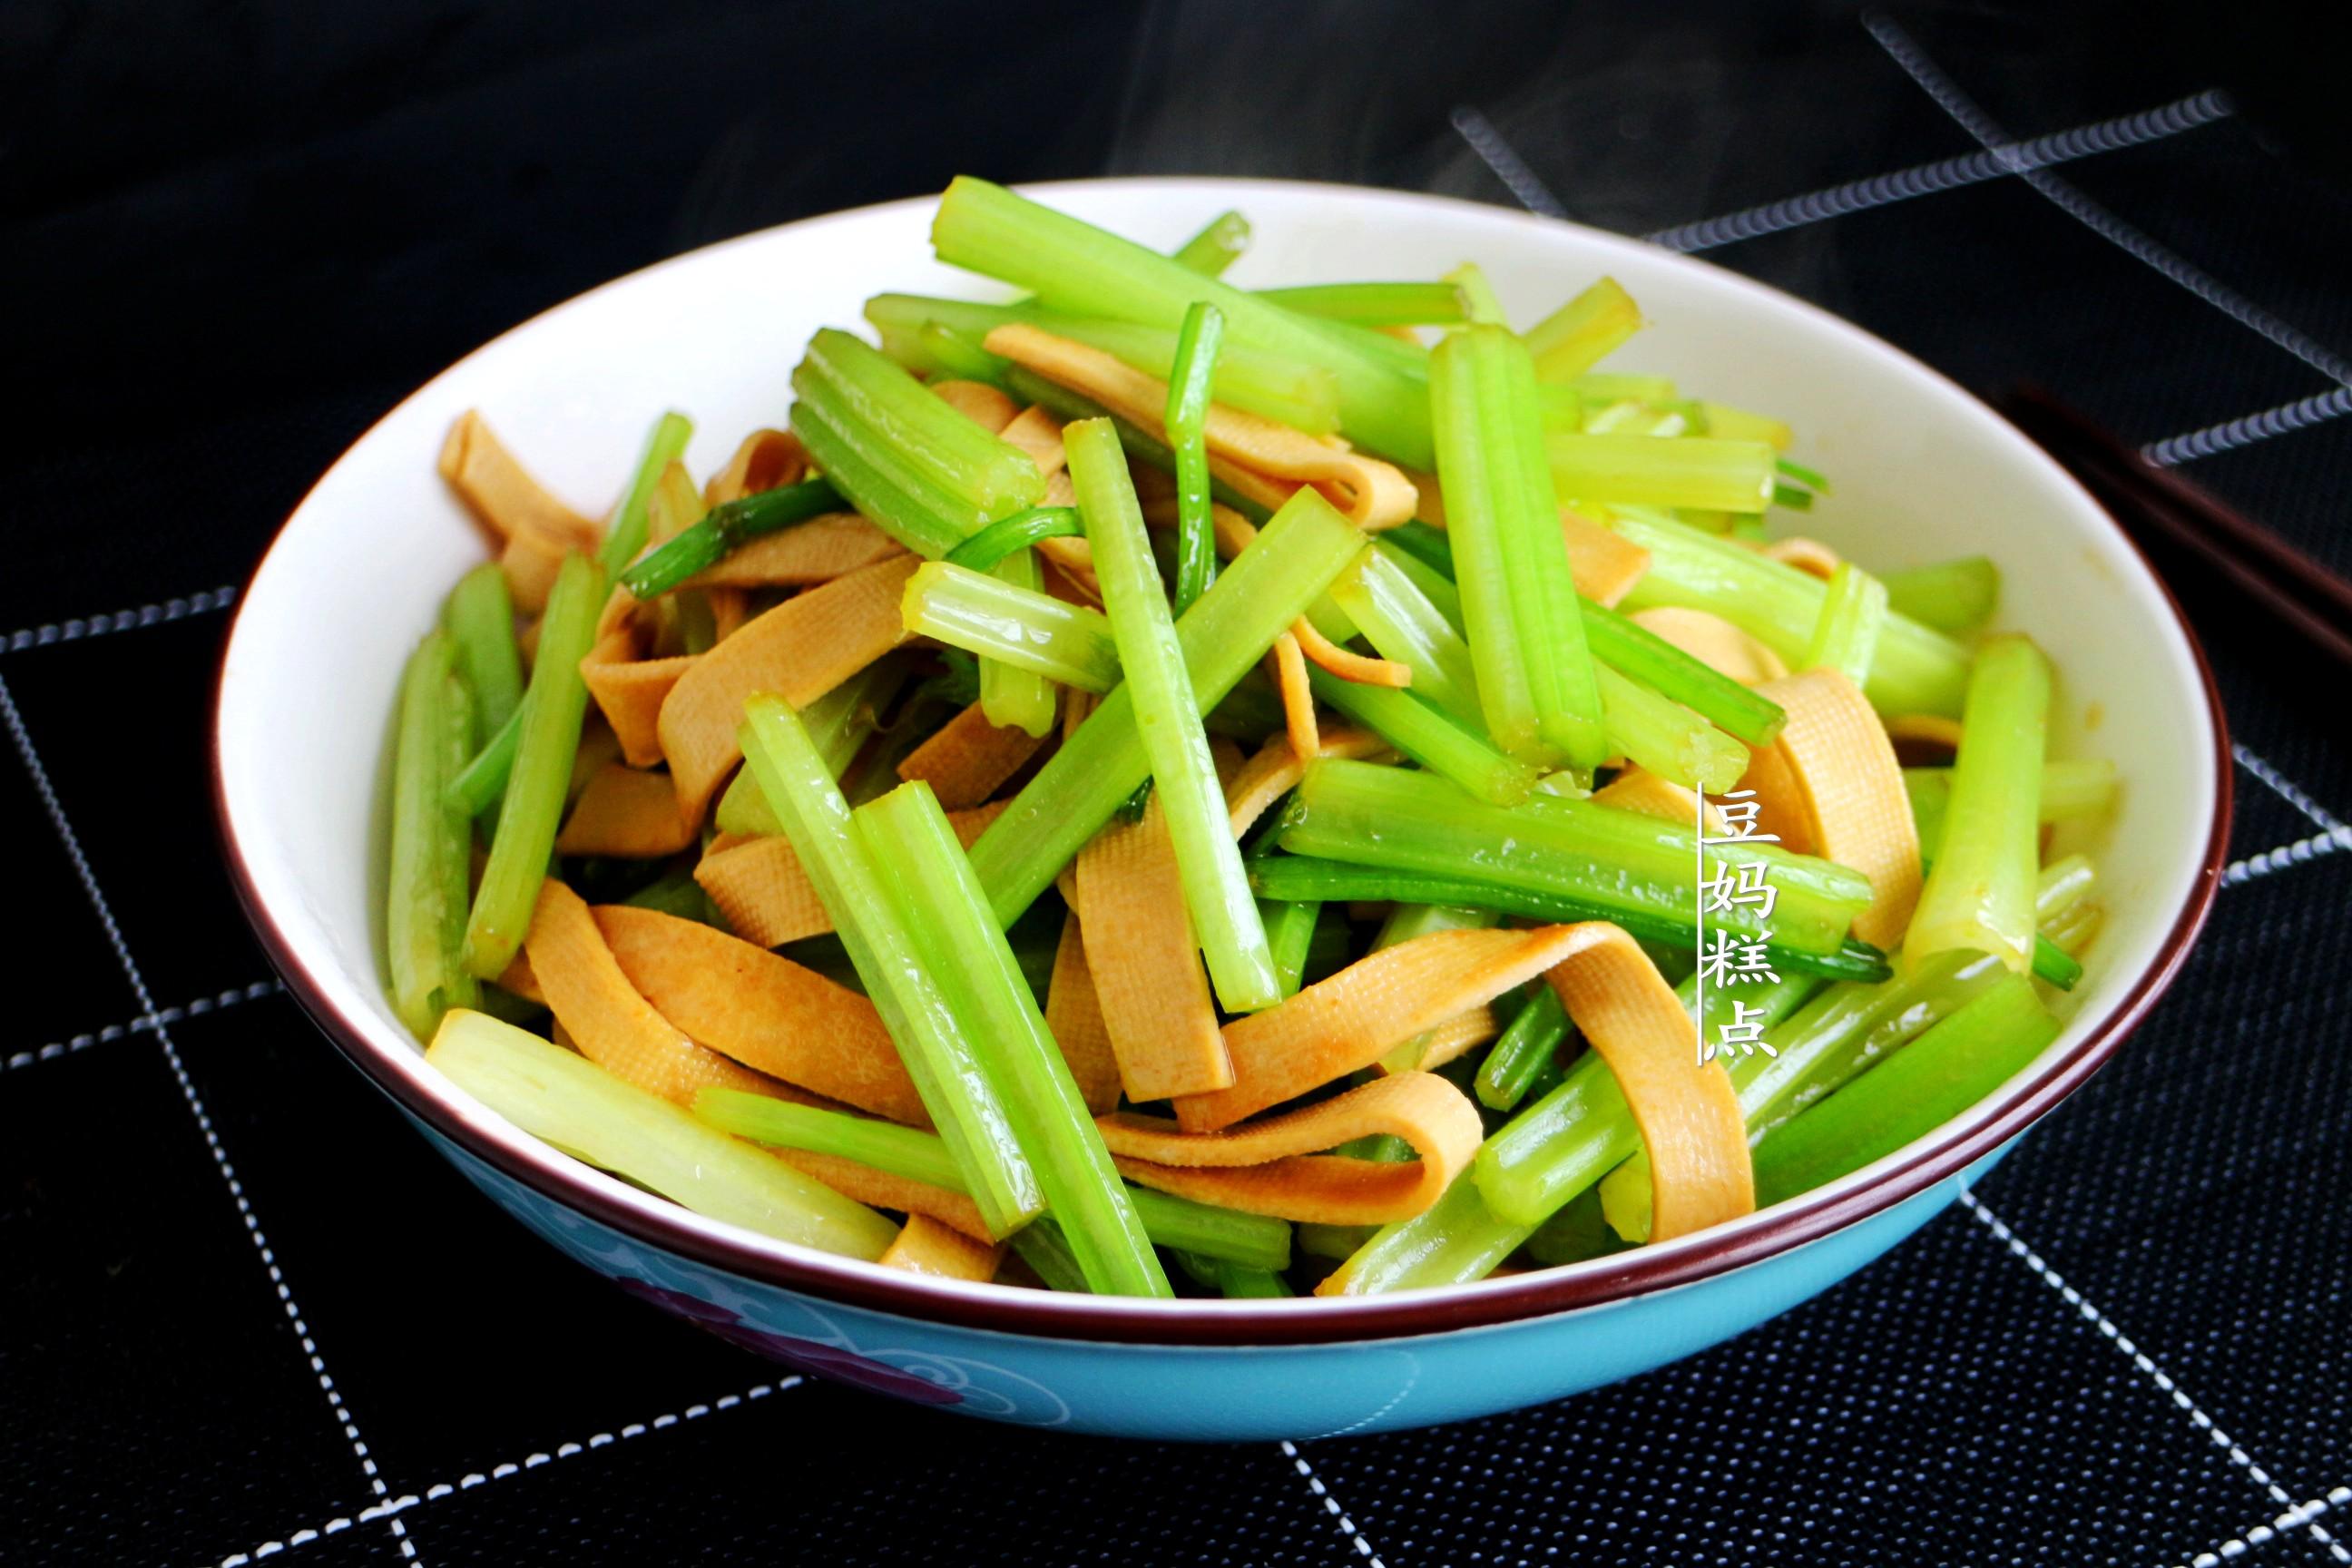 家常素小炒,节后清肠减肥必备 减肥菜谱 第6张